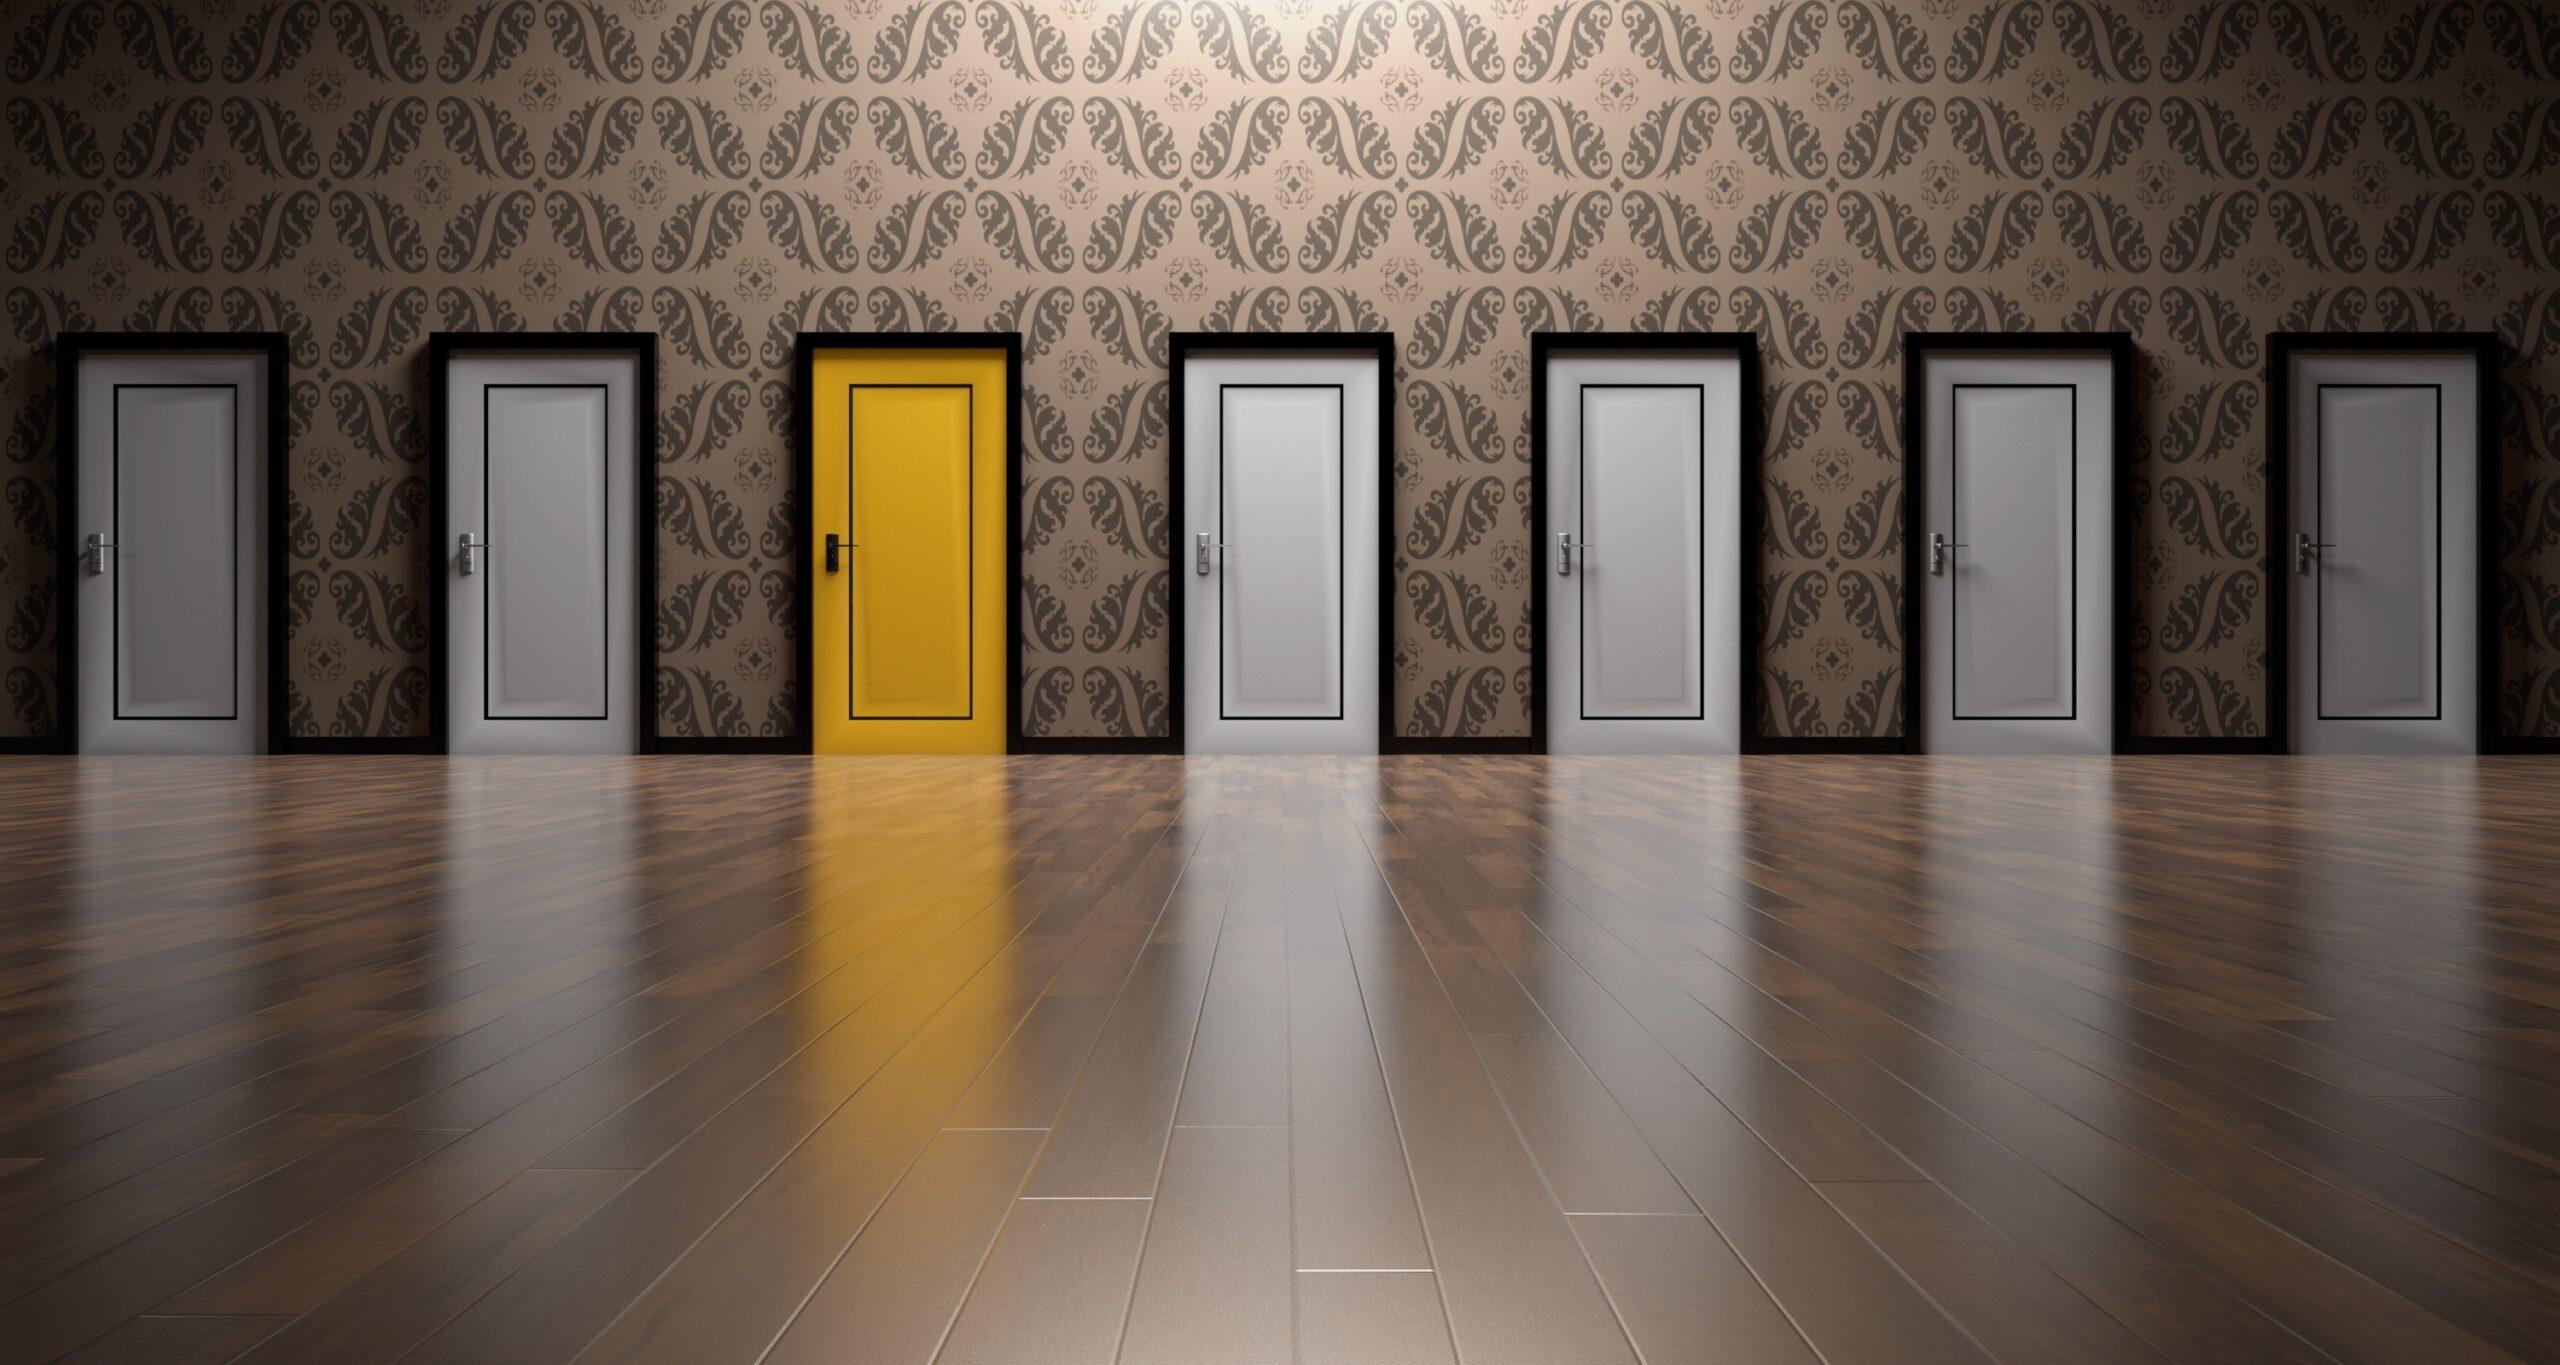 Keuze: Portefeuillehouder belangrijker dan eigen ontwikkeling?